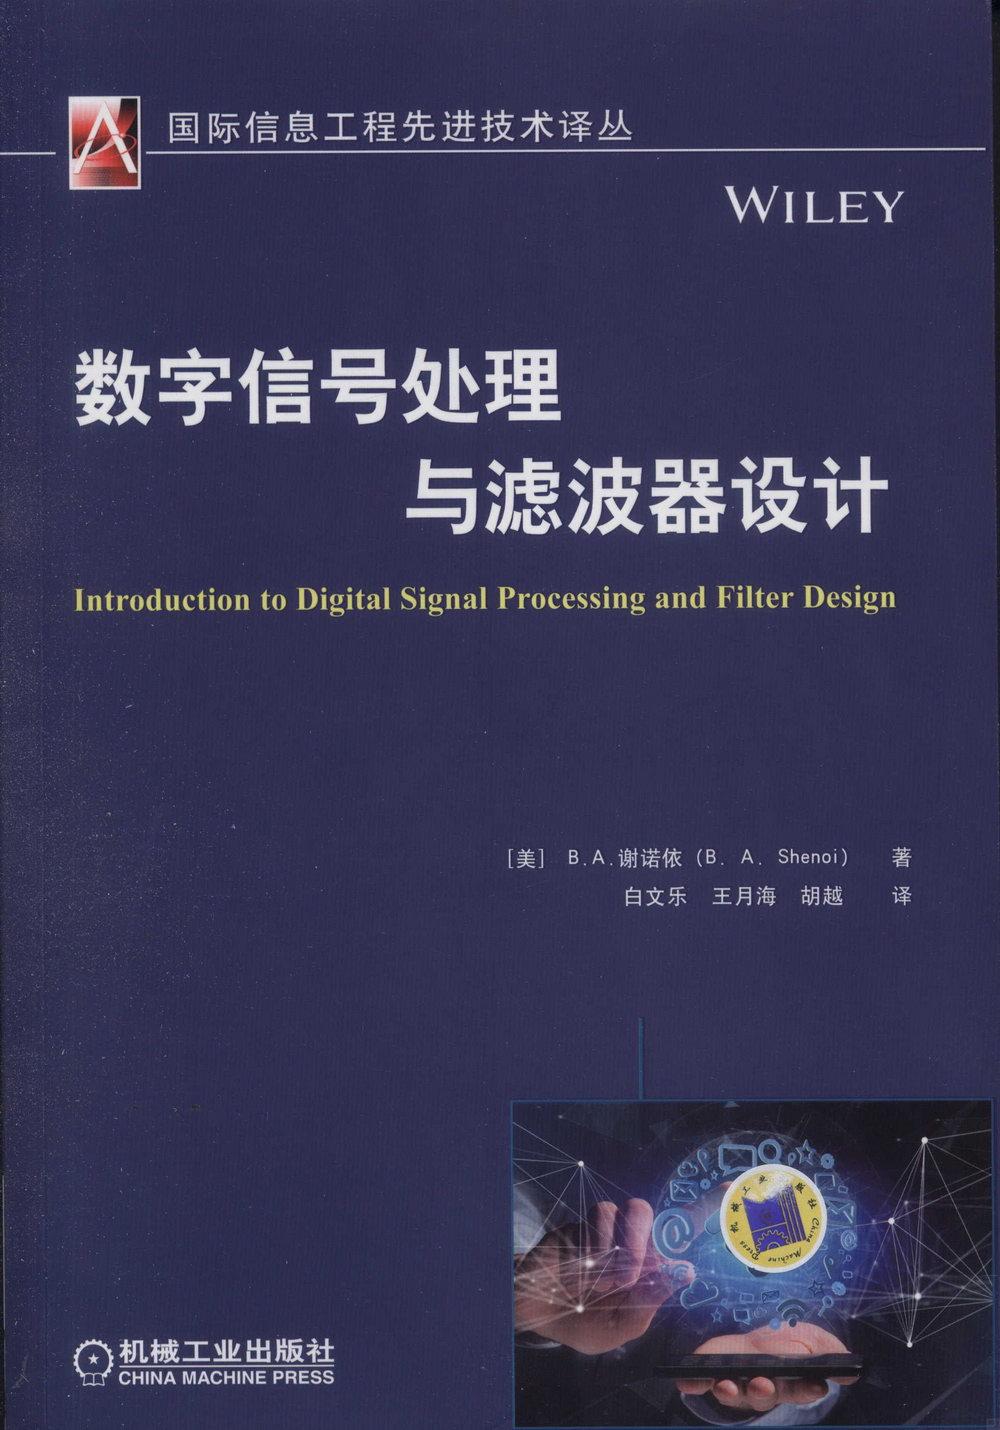 數字信號處理與濾波器設計